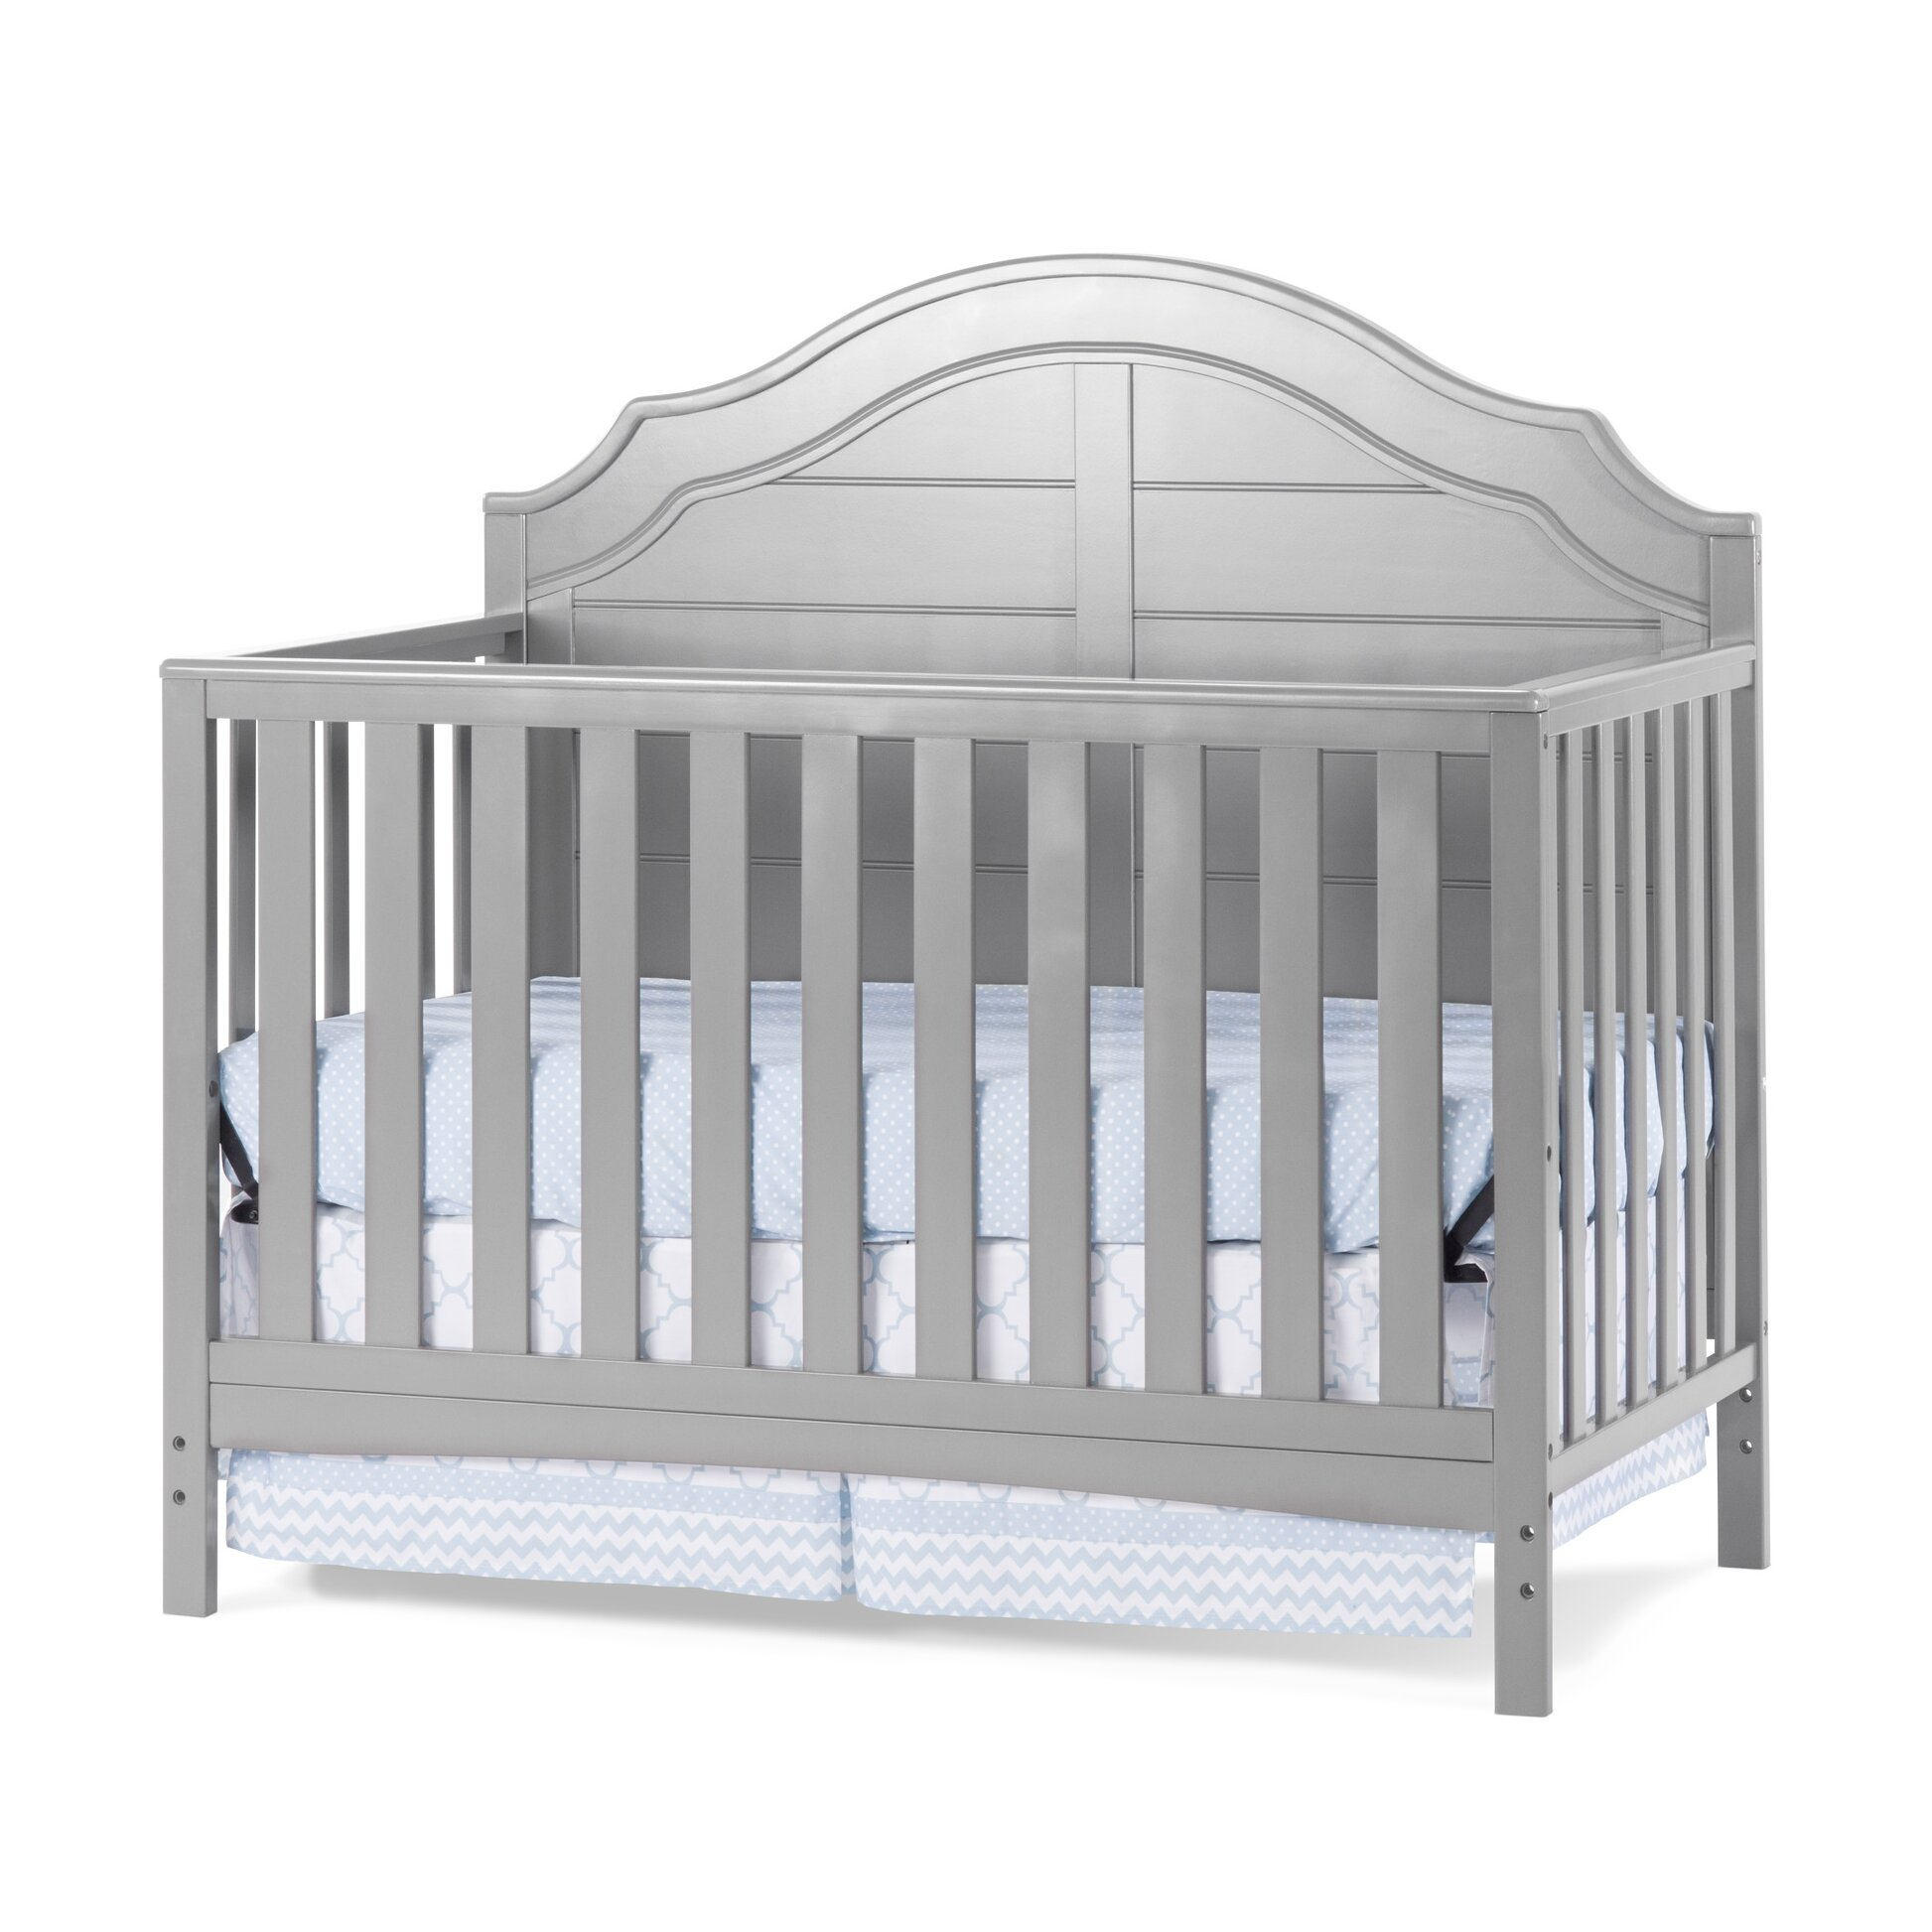 Baby cribs staten island - Child Craft Alstrom 4 In 1 Convertible Crib